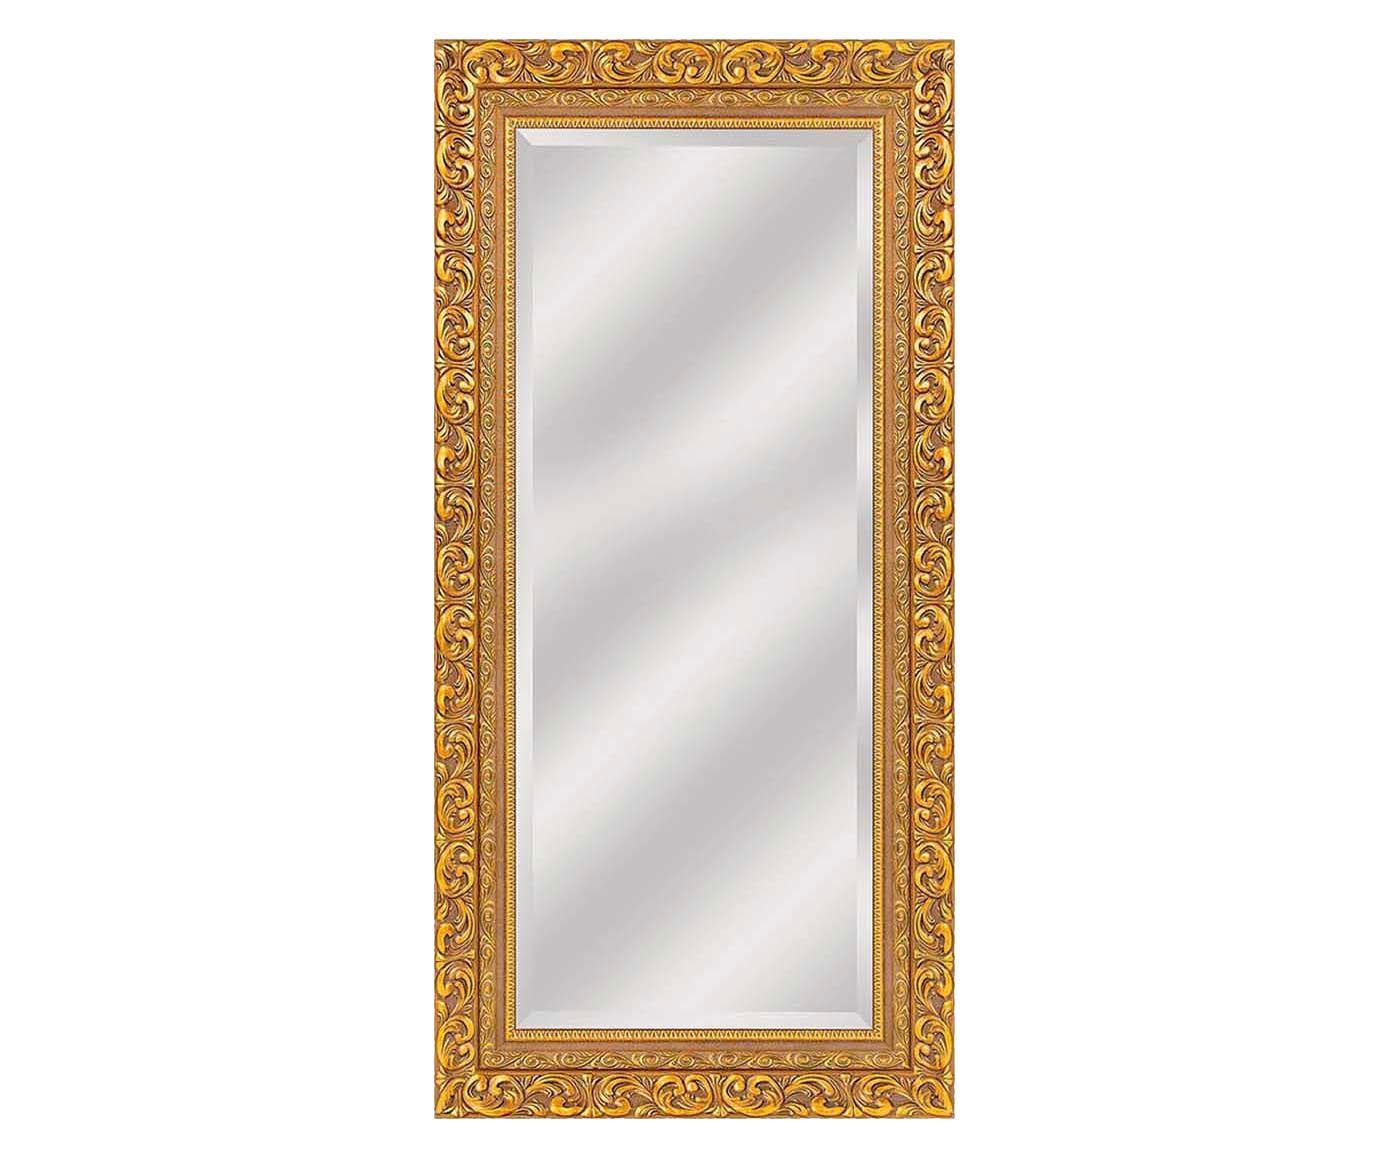 Espelho andrad soleil - 85x175cm | Westwing.com.br